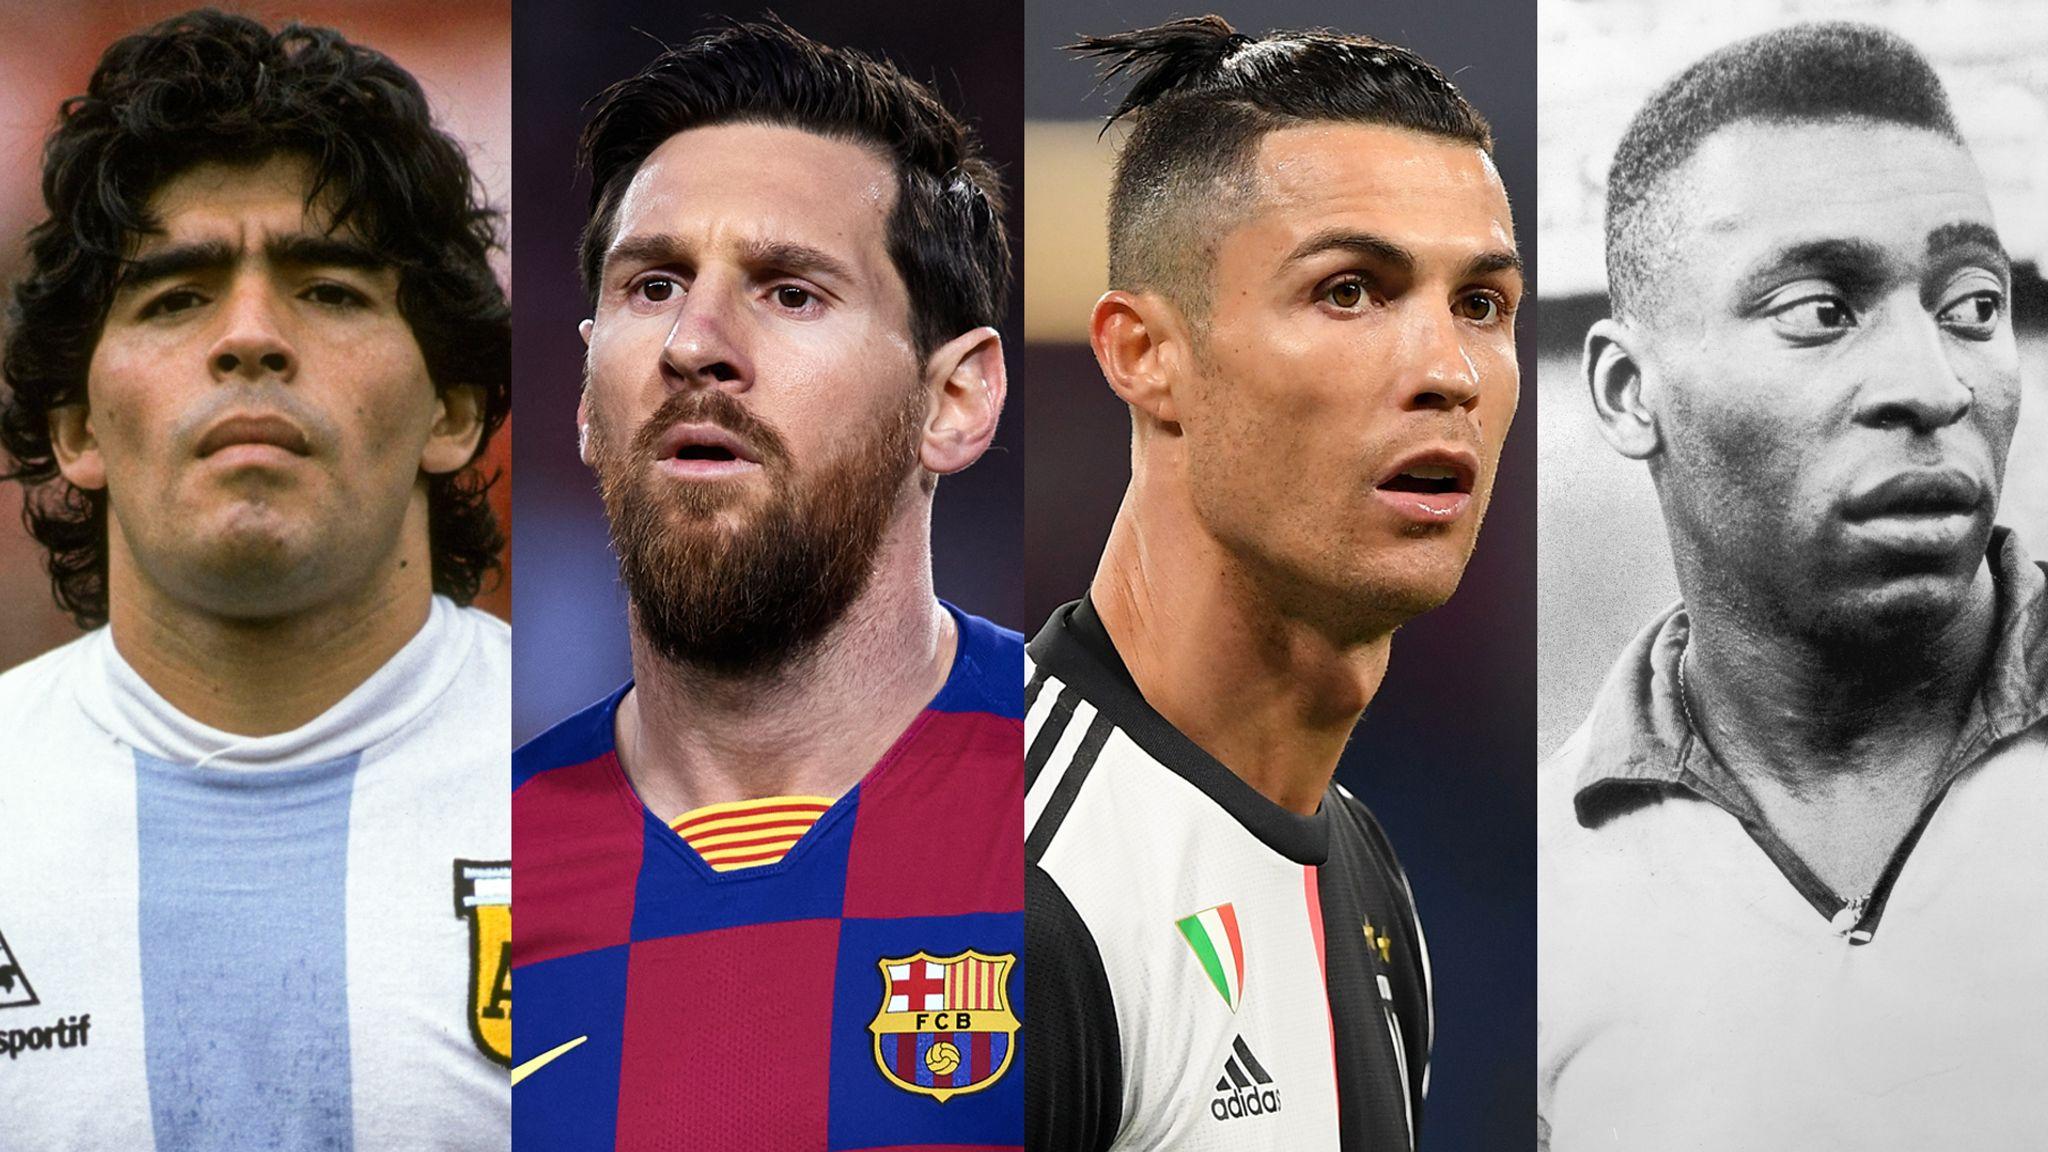 Diego Maradona x Lionel Messi: pensamentos de Sir Alex Ferguson sobre o eterno debate